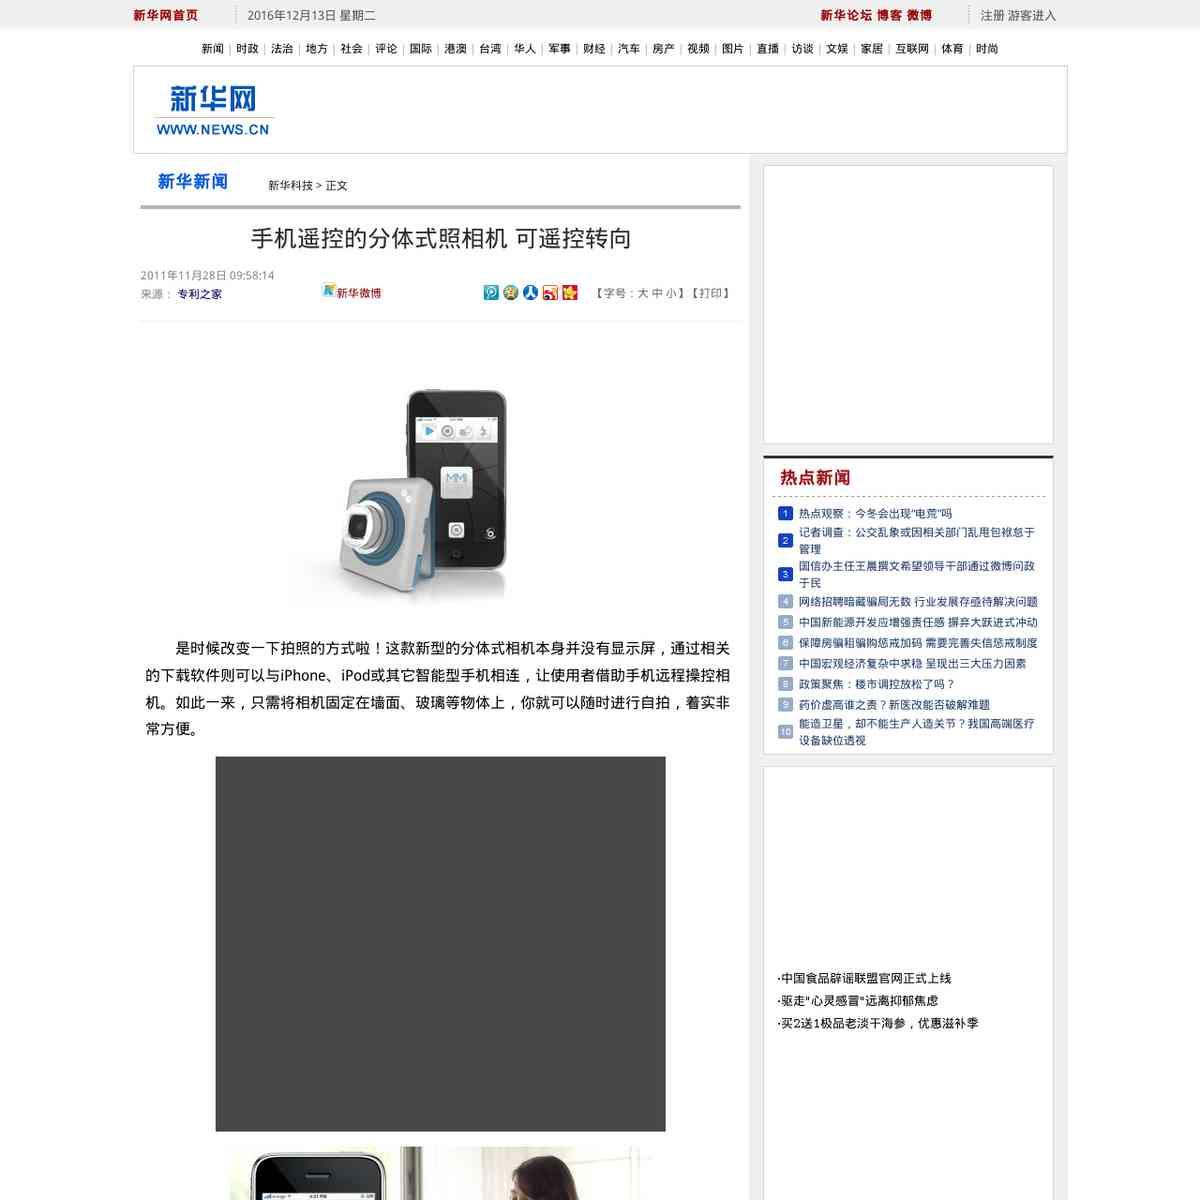 news.xinhuanet.com/tech/2011-11/28/c_122344250.htm